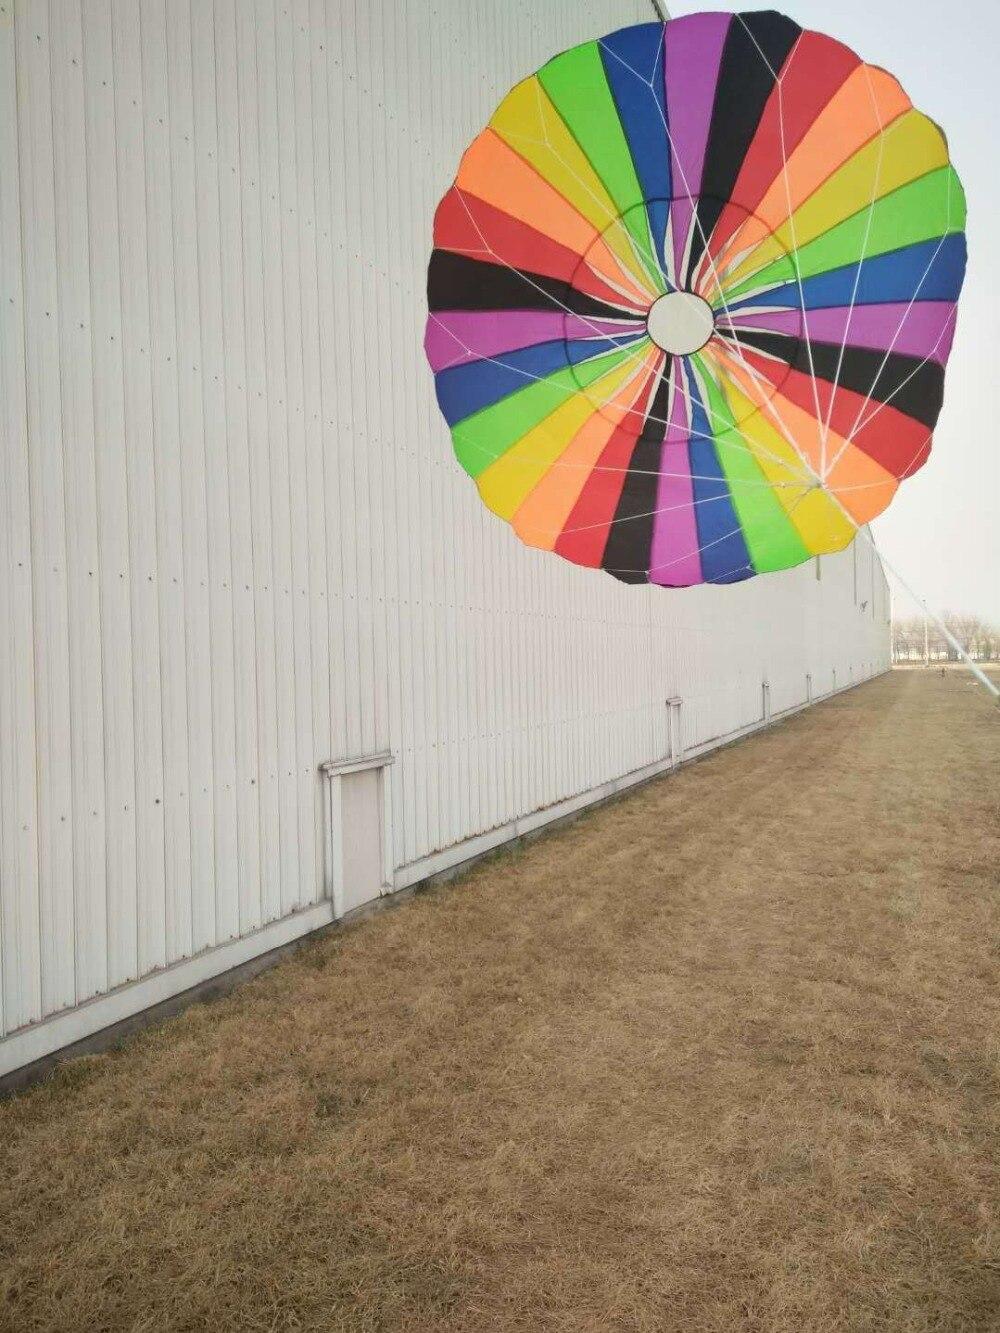 Nouveaux jouets volants 2 m ligne unique doux grands cerfs-volants ripstop nylon vente chaussette à vent gonflable cerf-volant festival